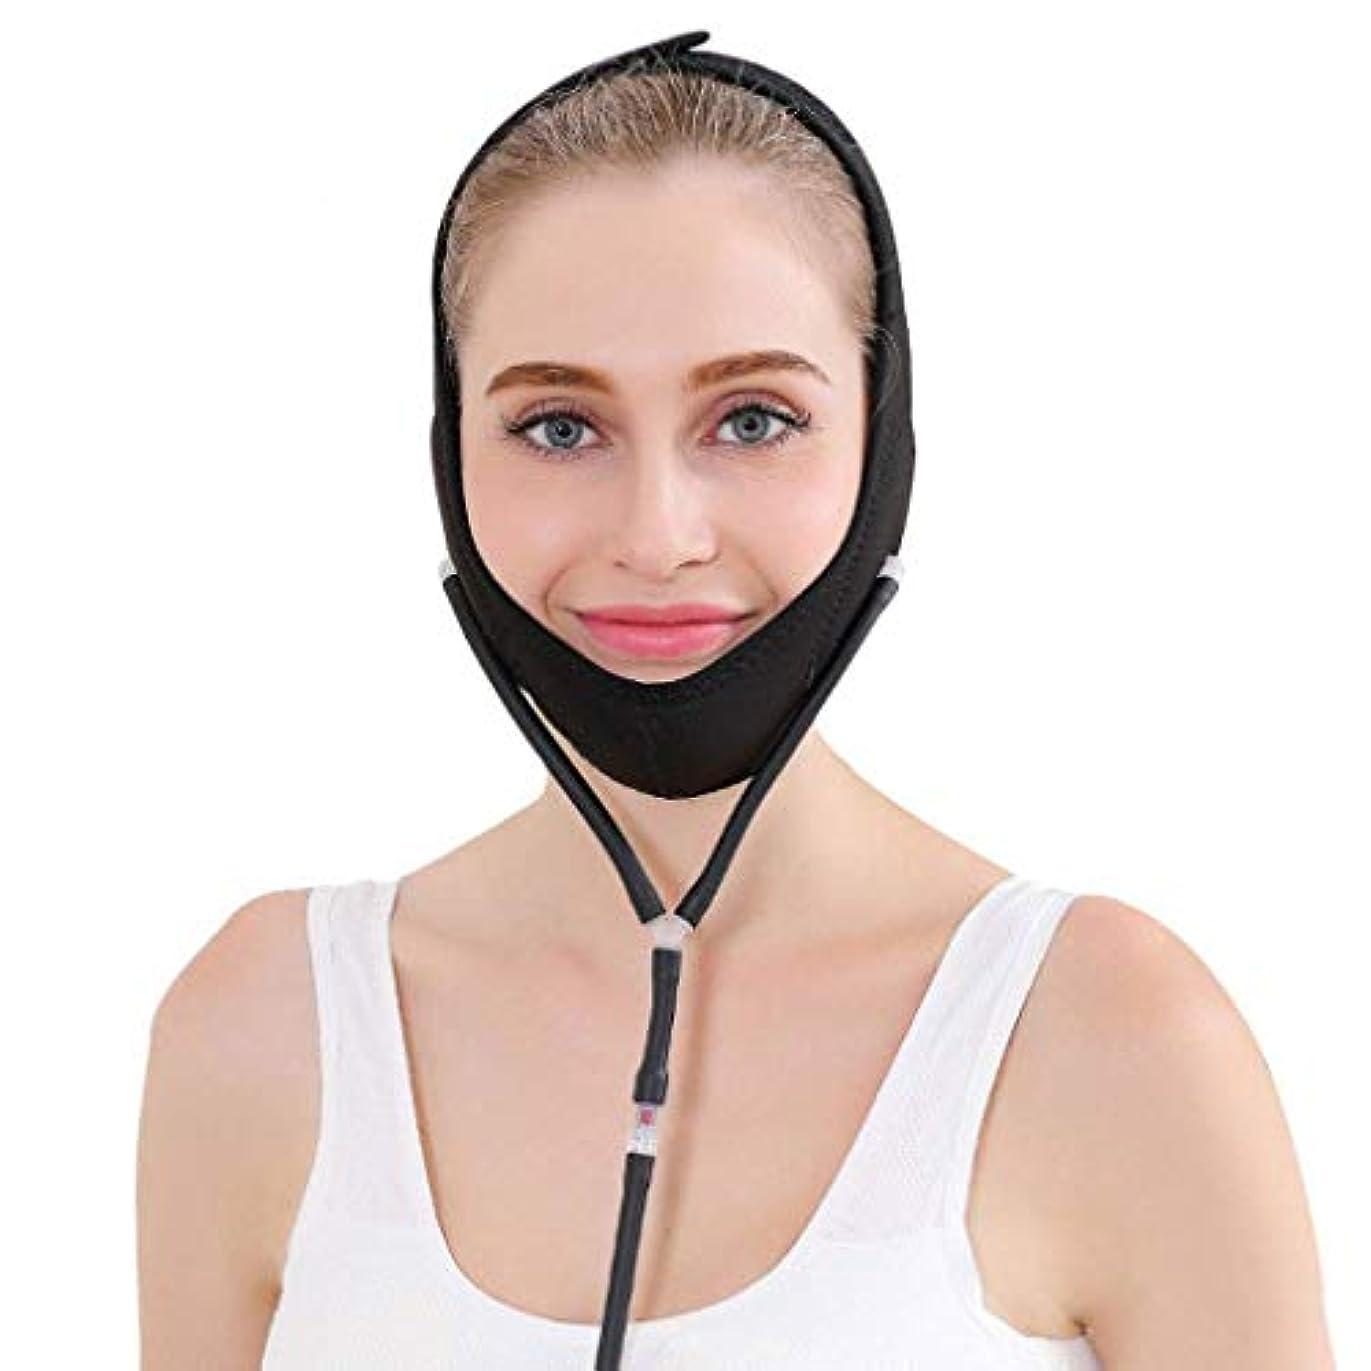 帽子ダイエット科学HUYYA 女性の顔を持ち上げるベルト、Vライン頬 二重あごの減量顔 しわ防止包帯,Black_Small